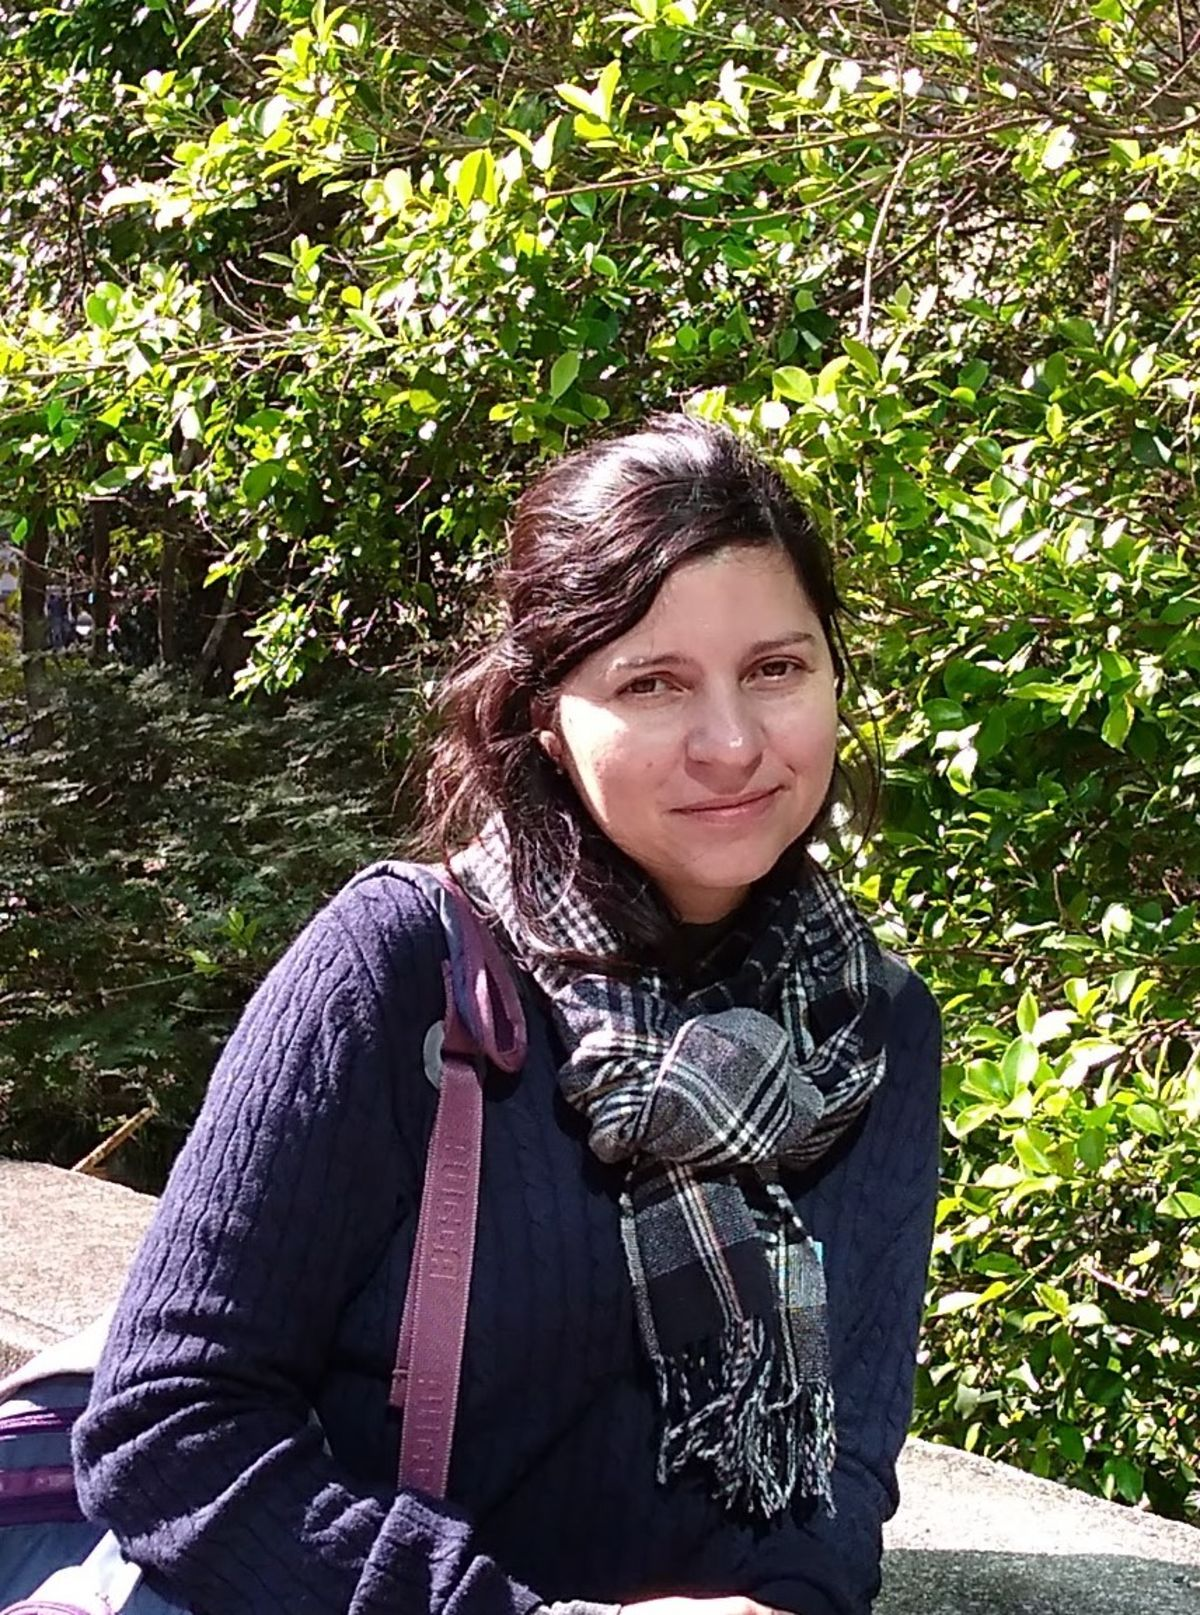 Cristina Pontes Bittencourt Quitete